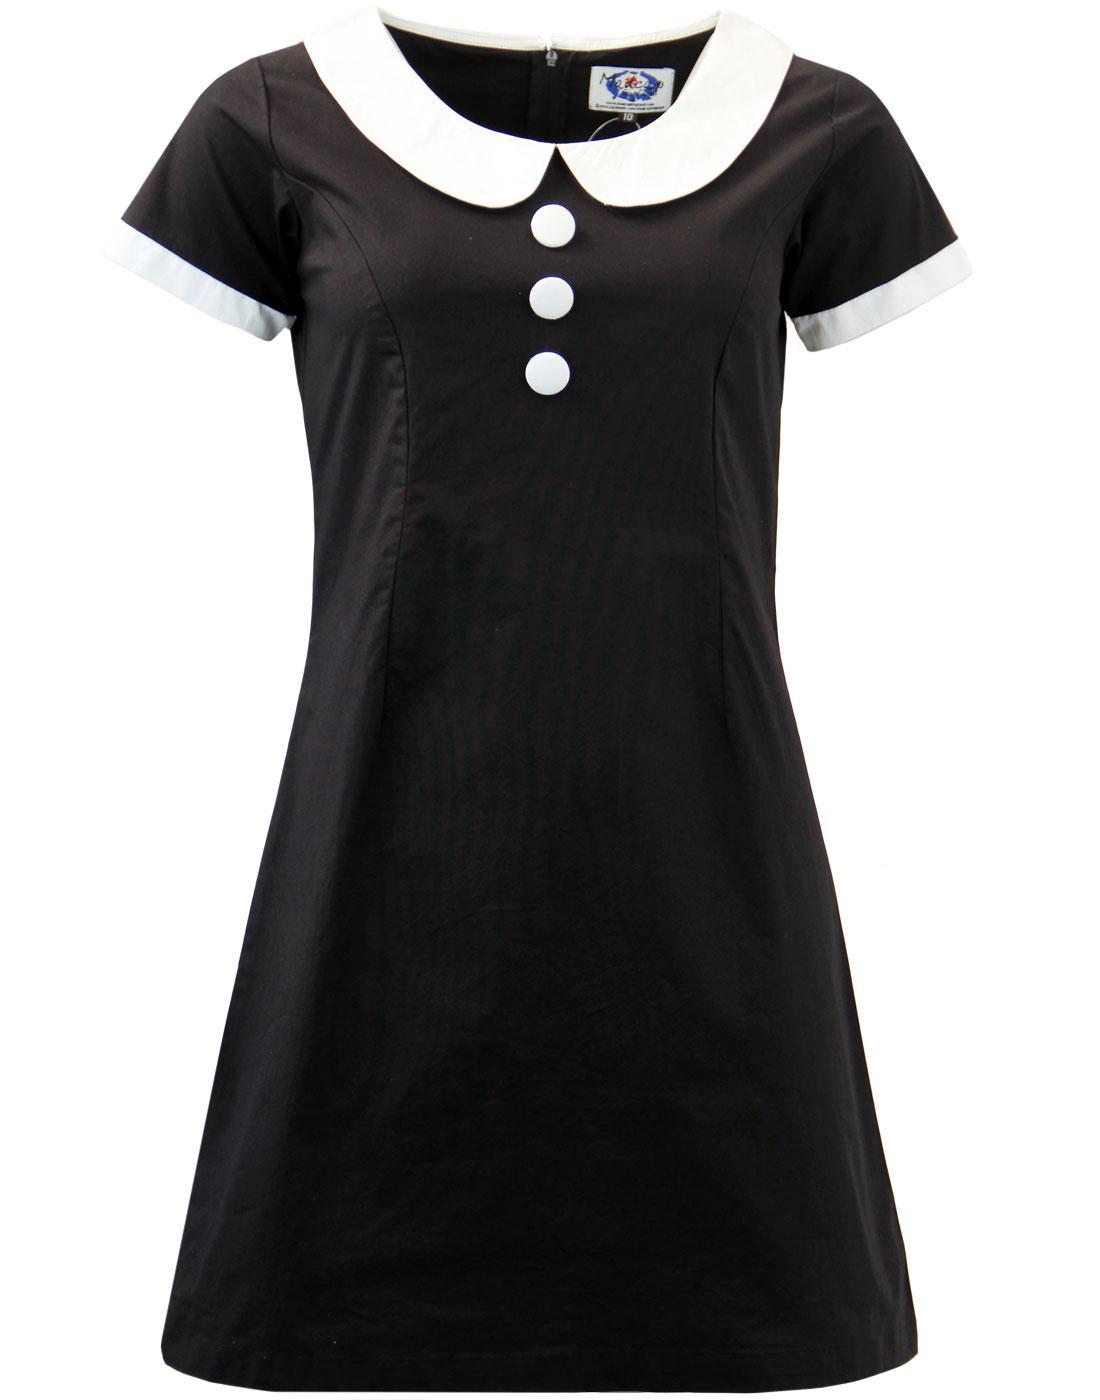 Domino Madcap England Mod Peter Pan Collar Dress